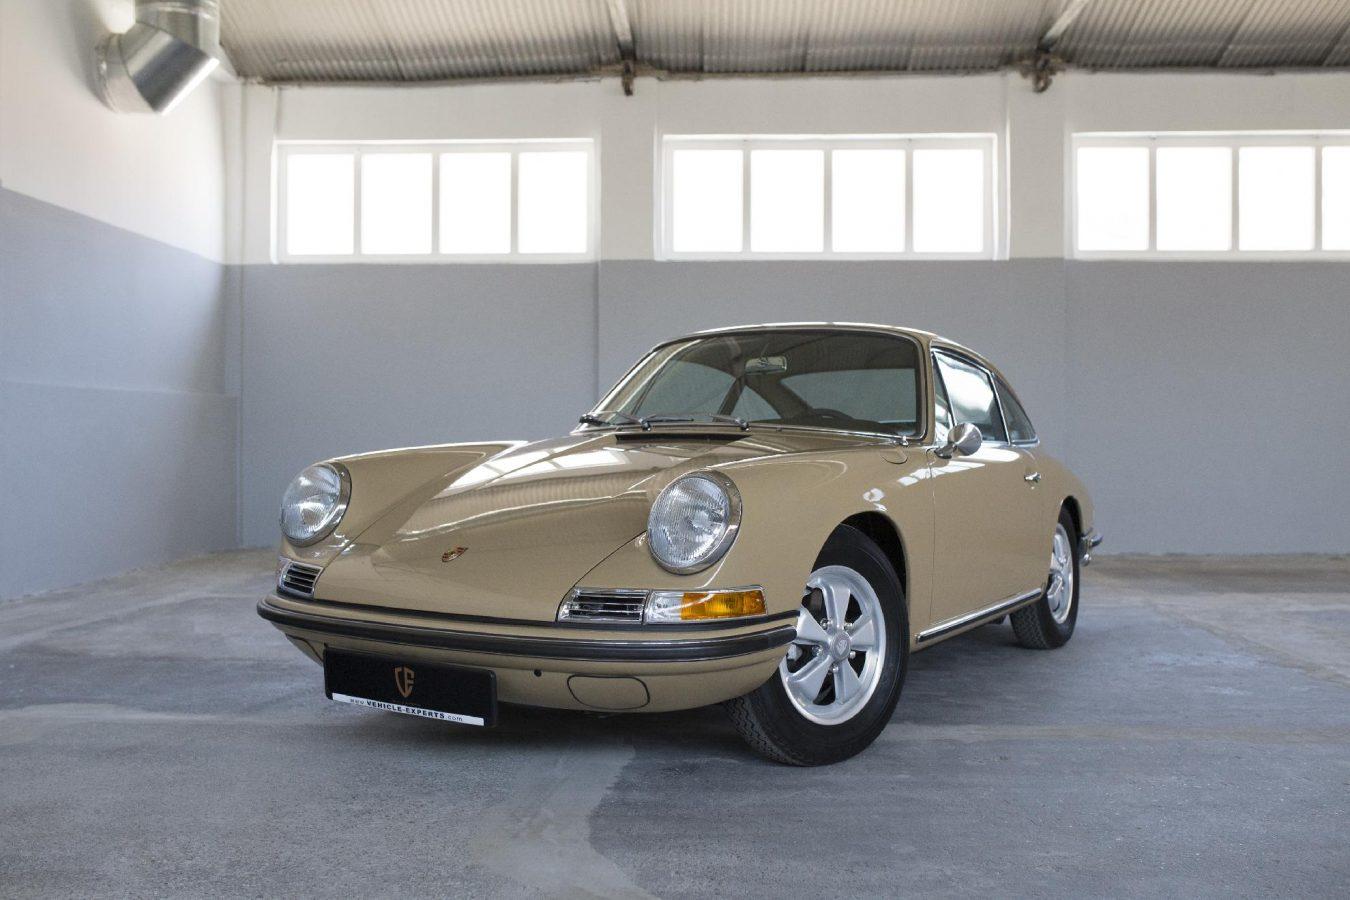 Sandfarbener Porsche 911S SWB in der Werkstatt